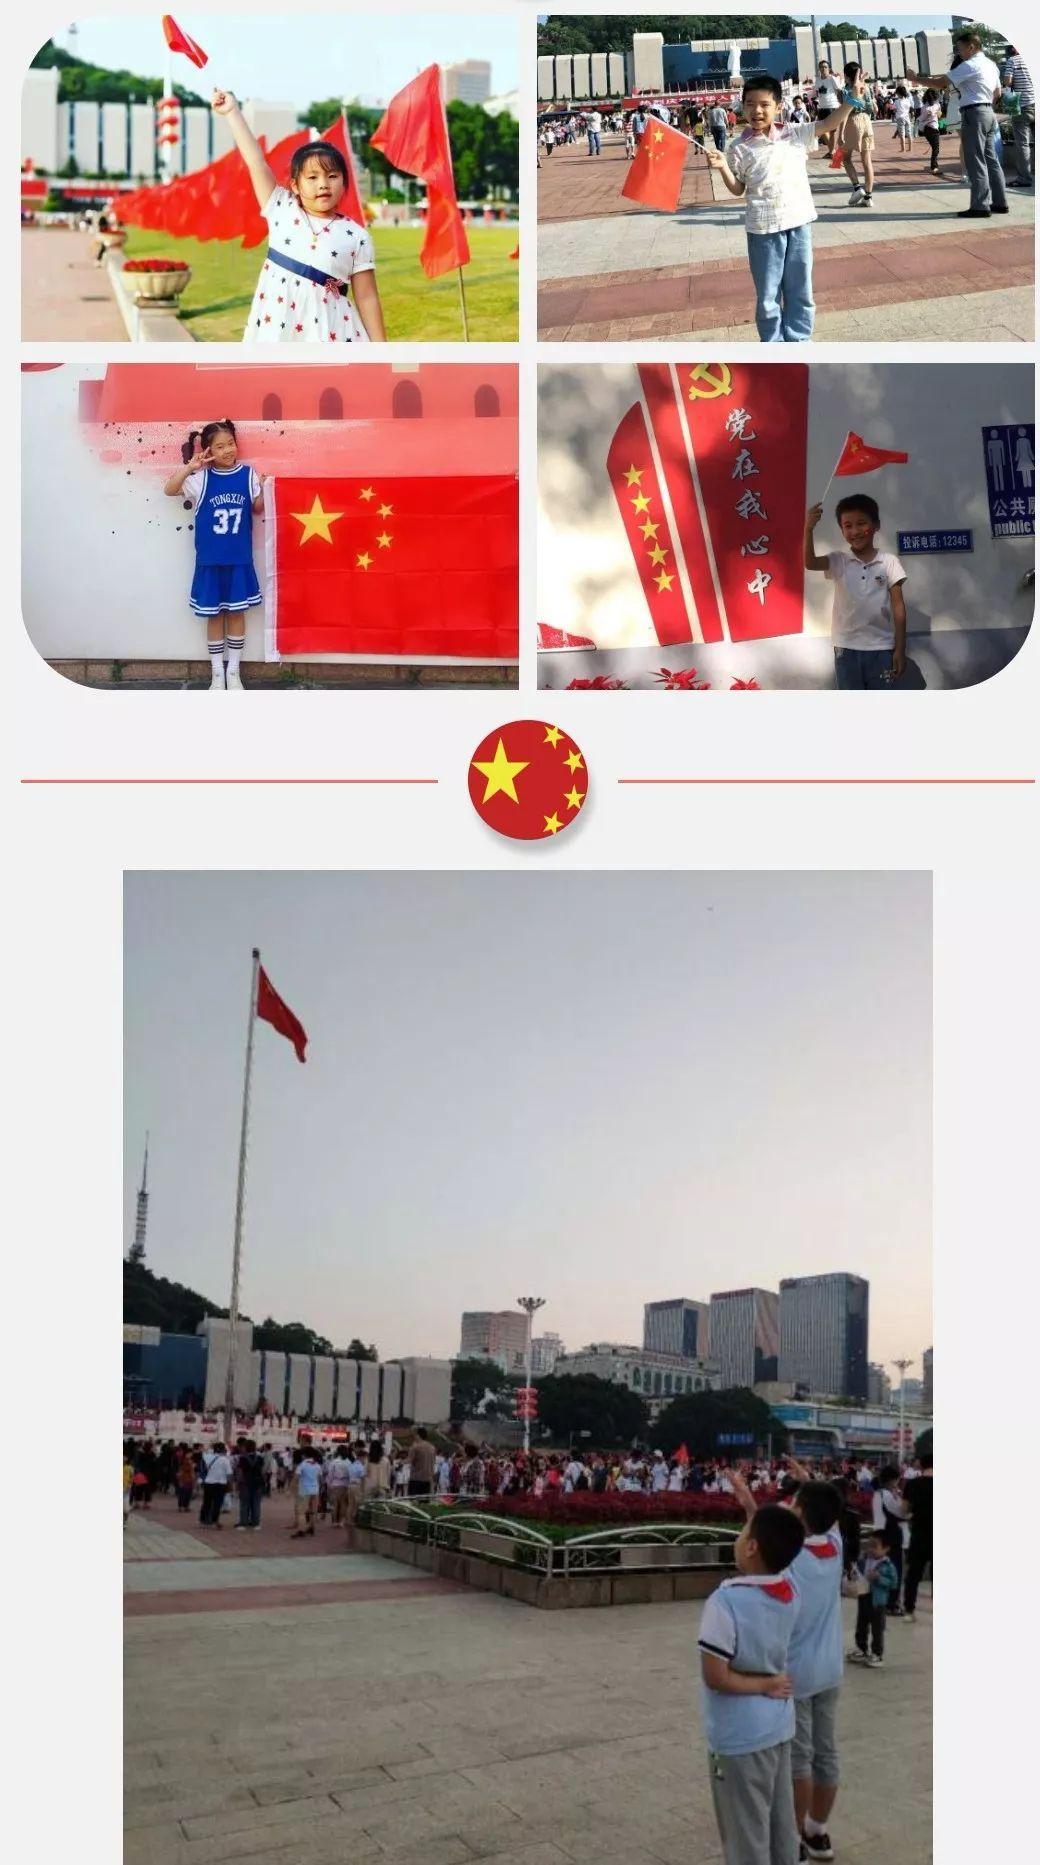 福州市施程小学组织开展 向国旗敬礼 主题教育实践系列活动